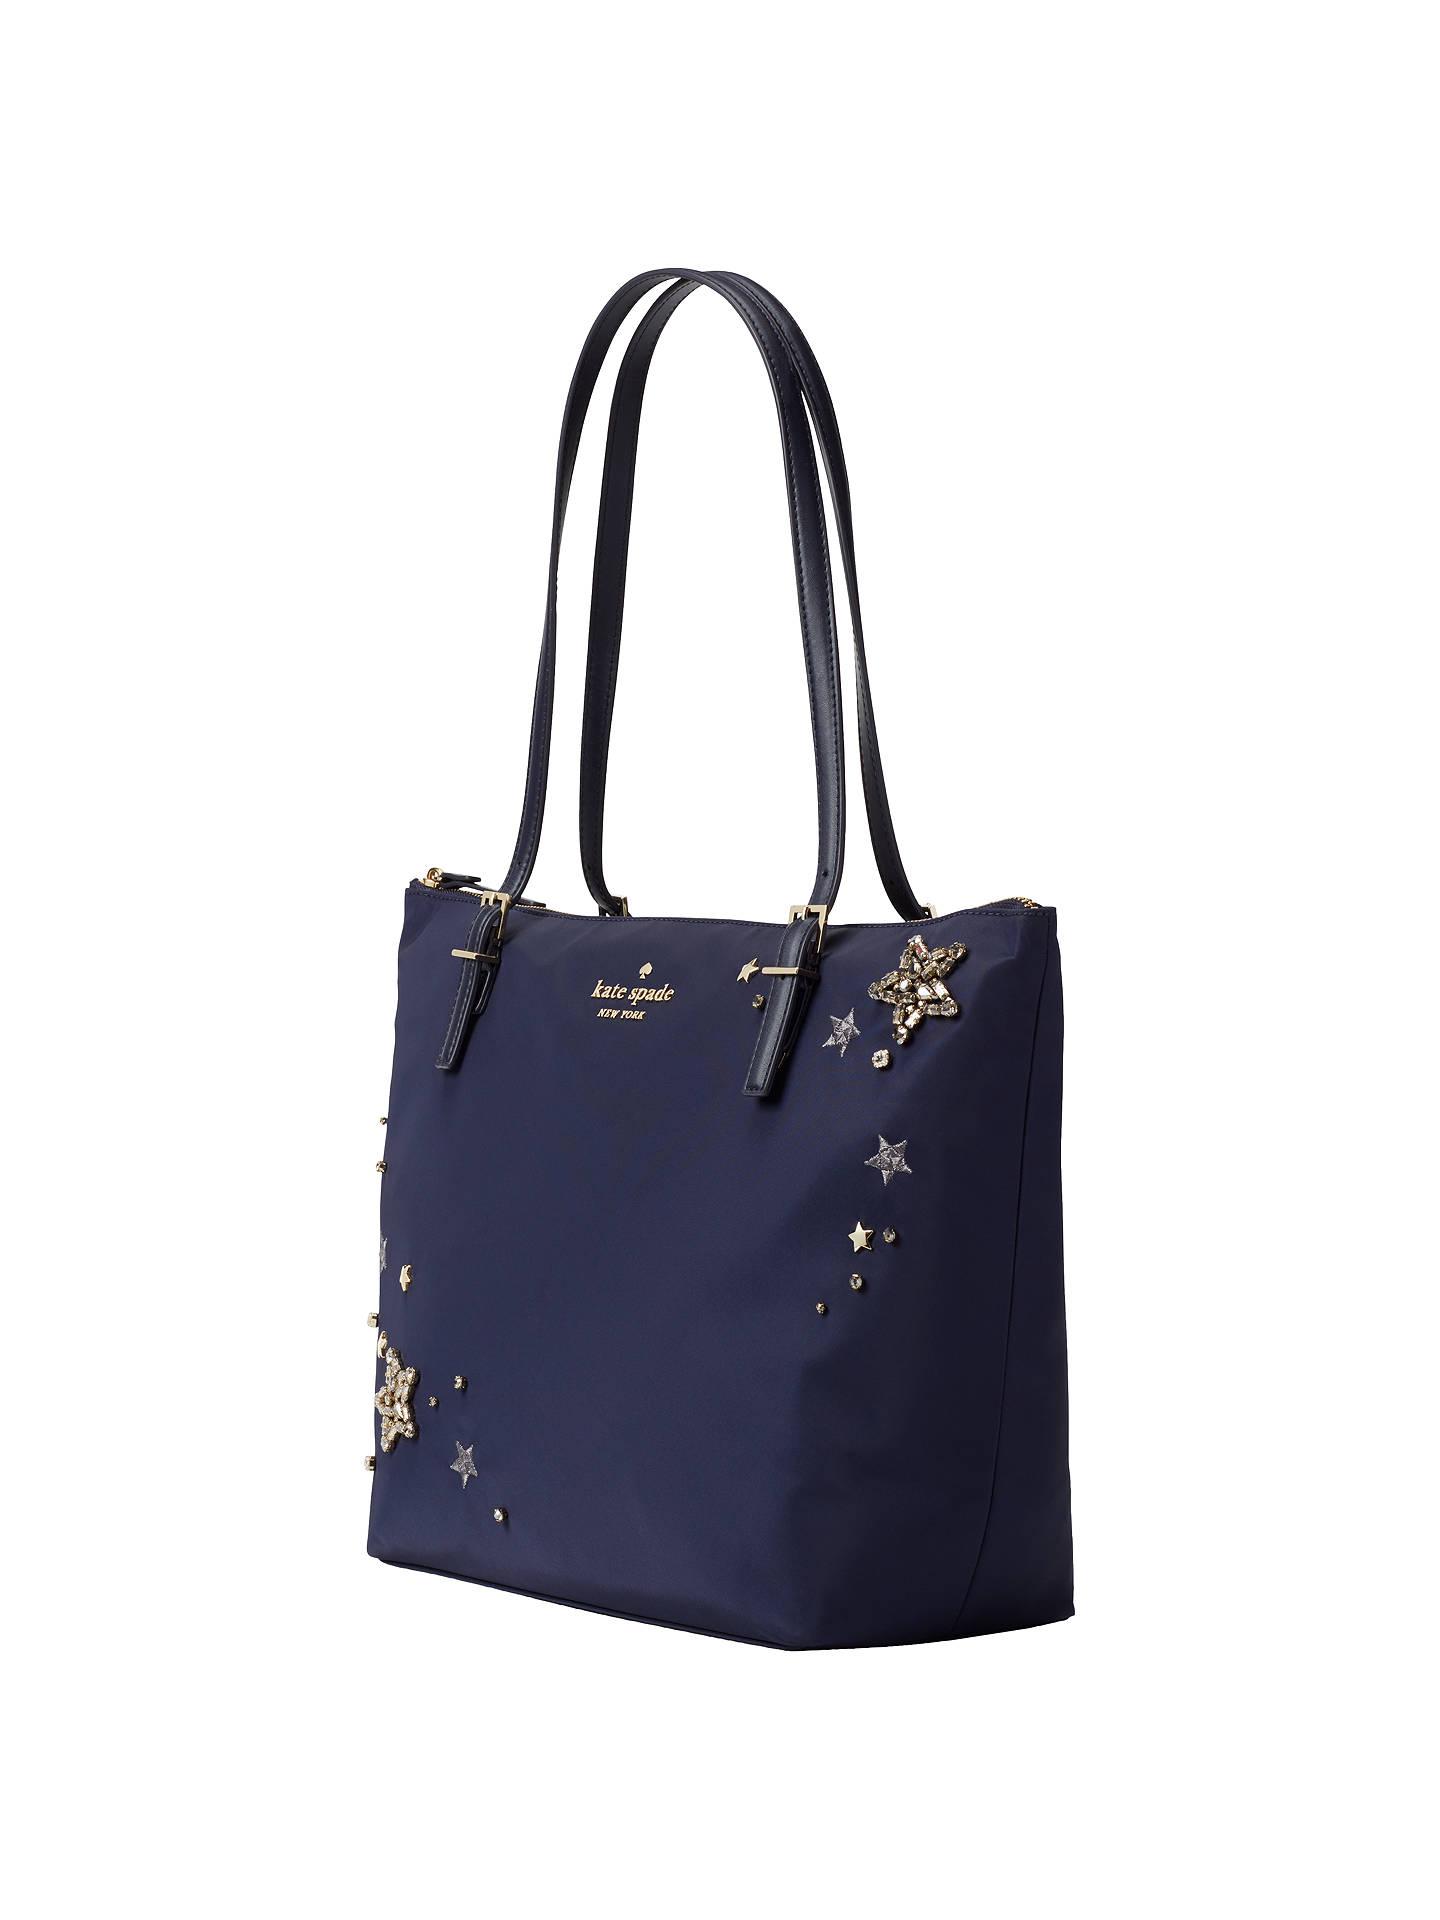 fe54615f8 ... Buy kate spade new york Watson Lane Maya Embellished Tote Bag, Navy  Online at johnlewis